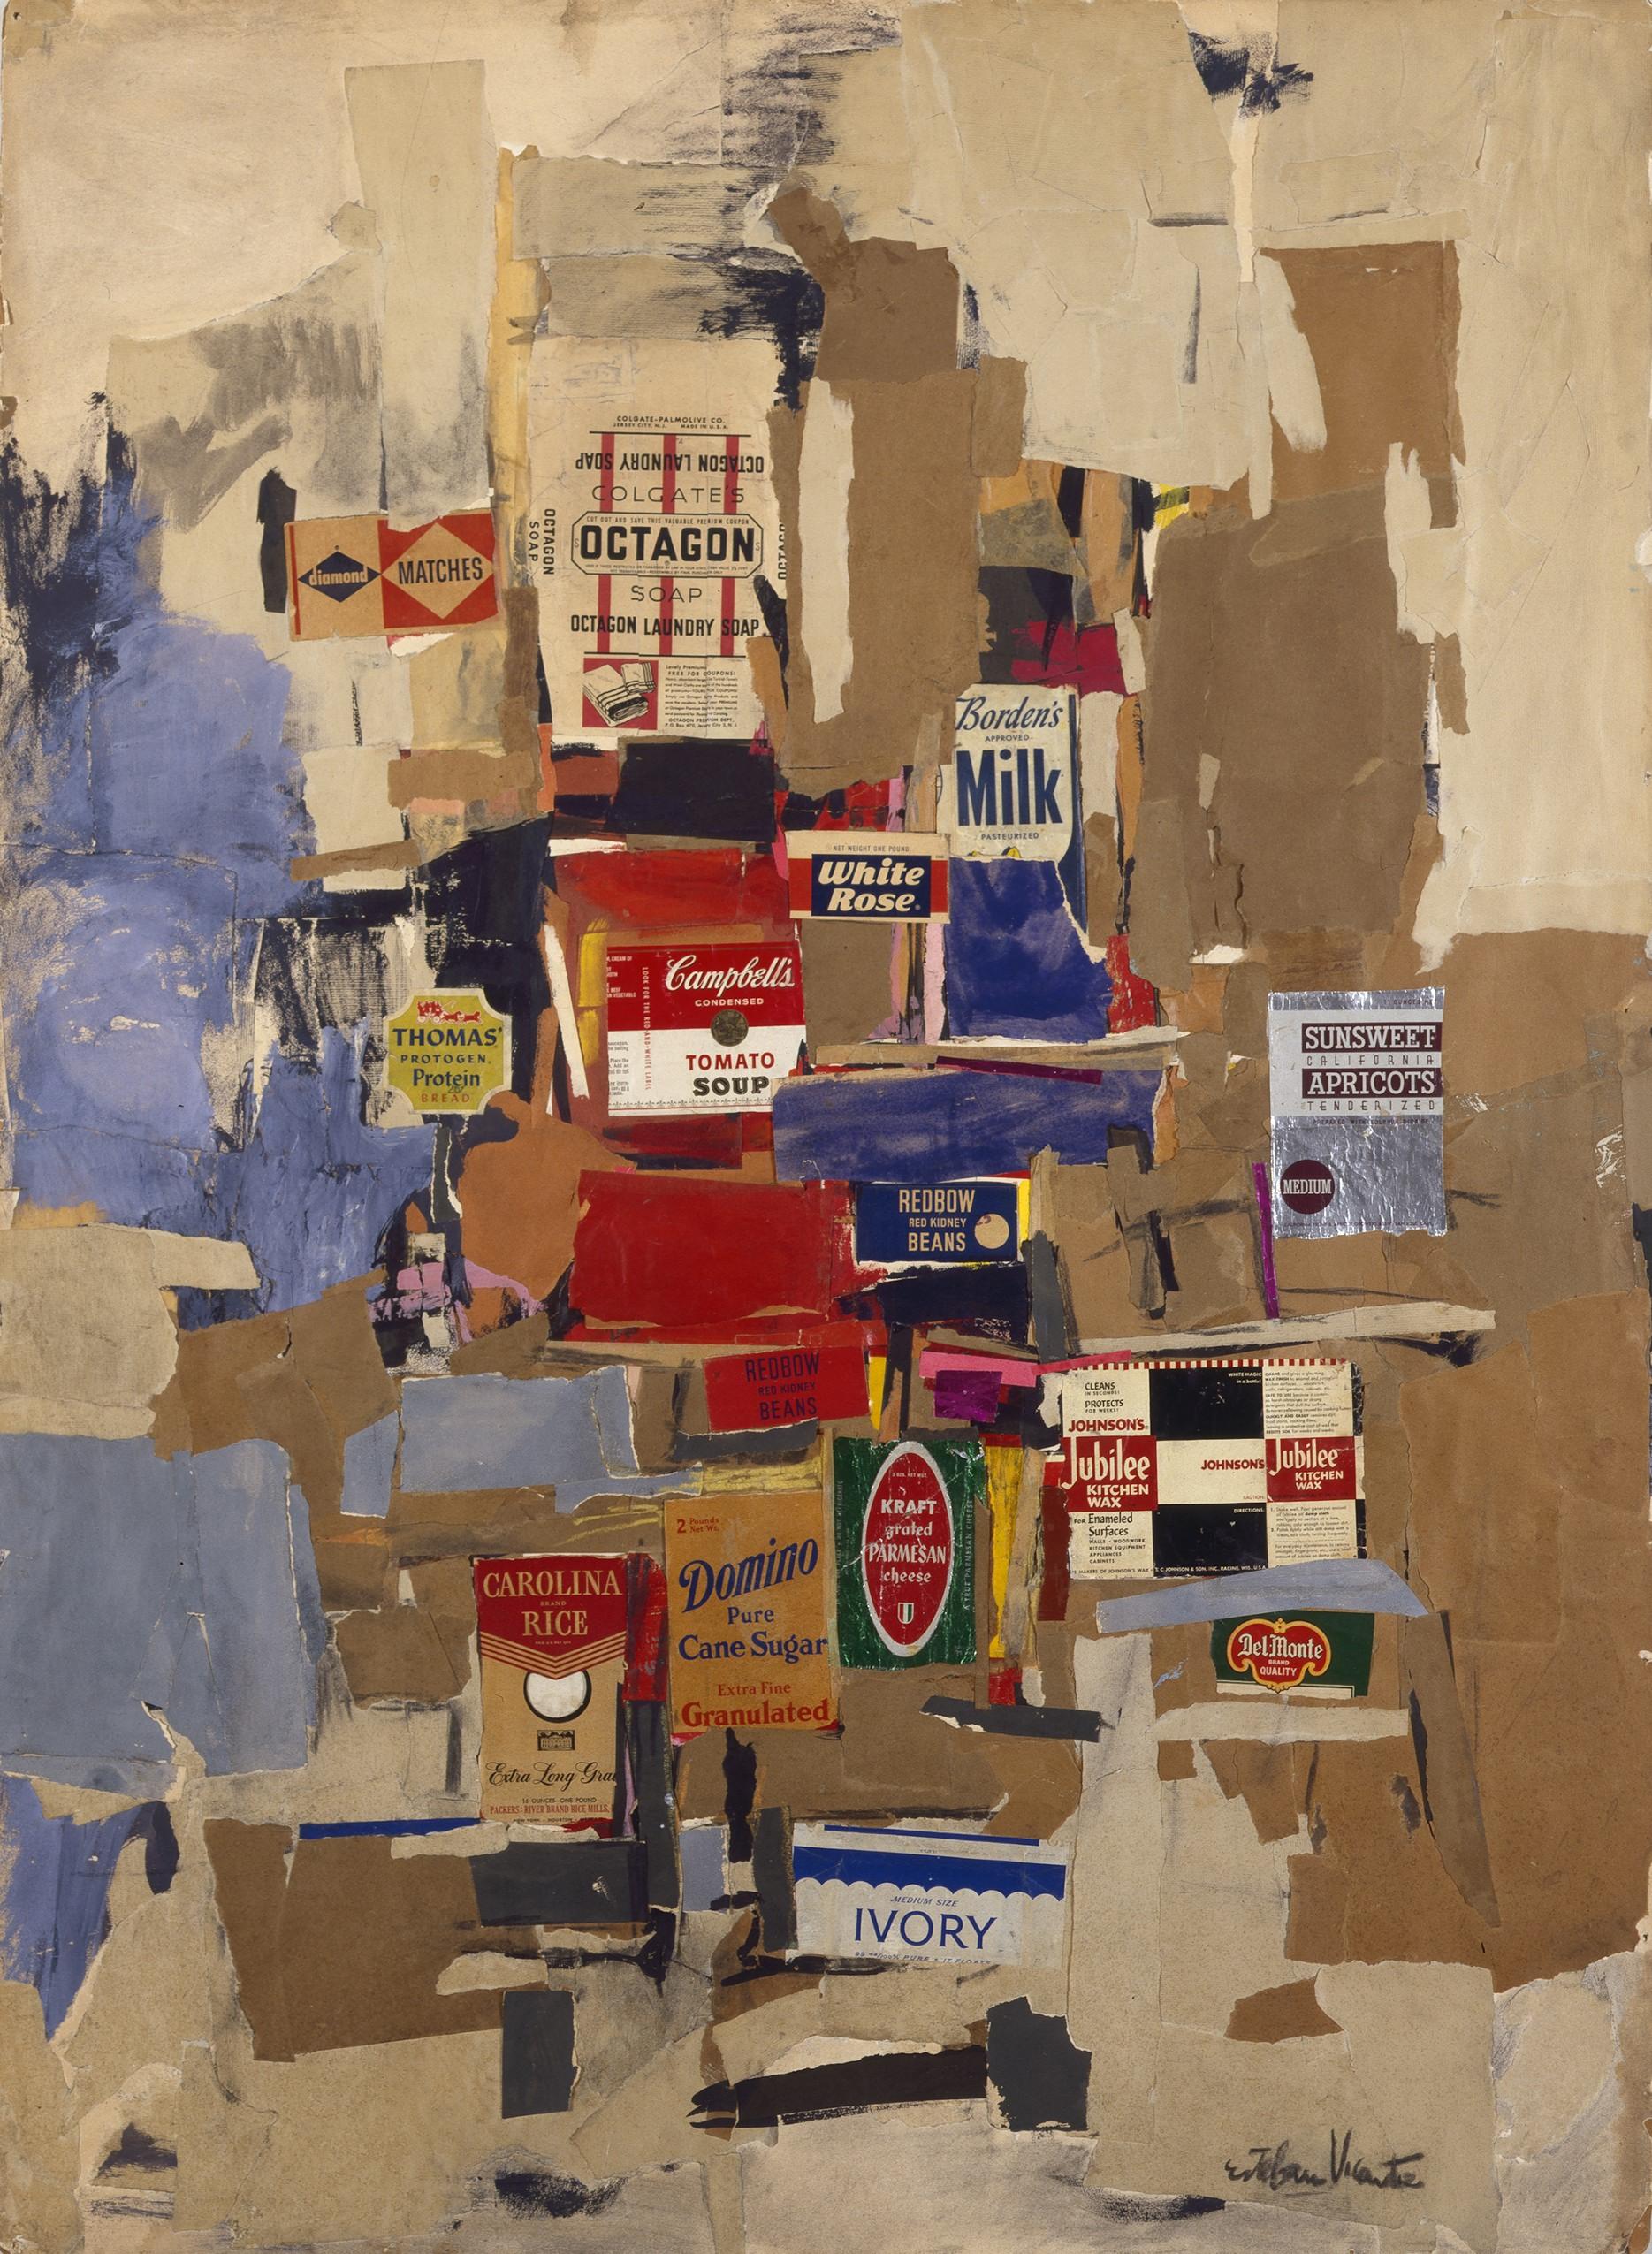 'Labels (1956) by Esteban Vicente